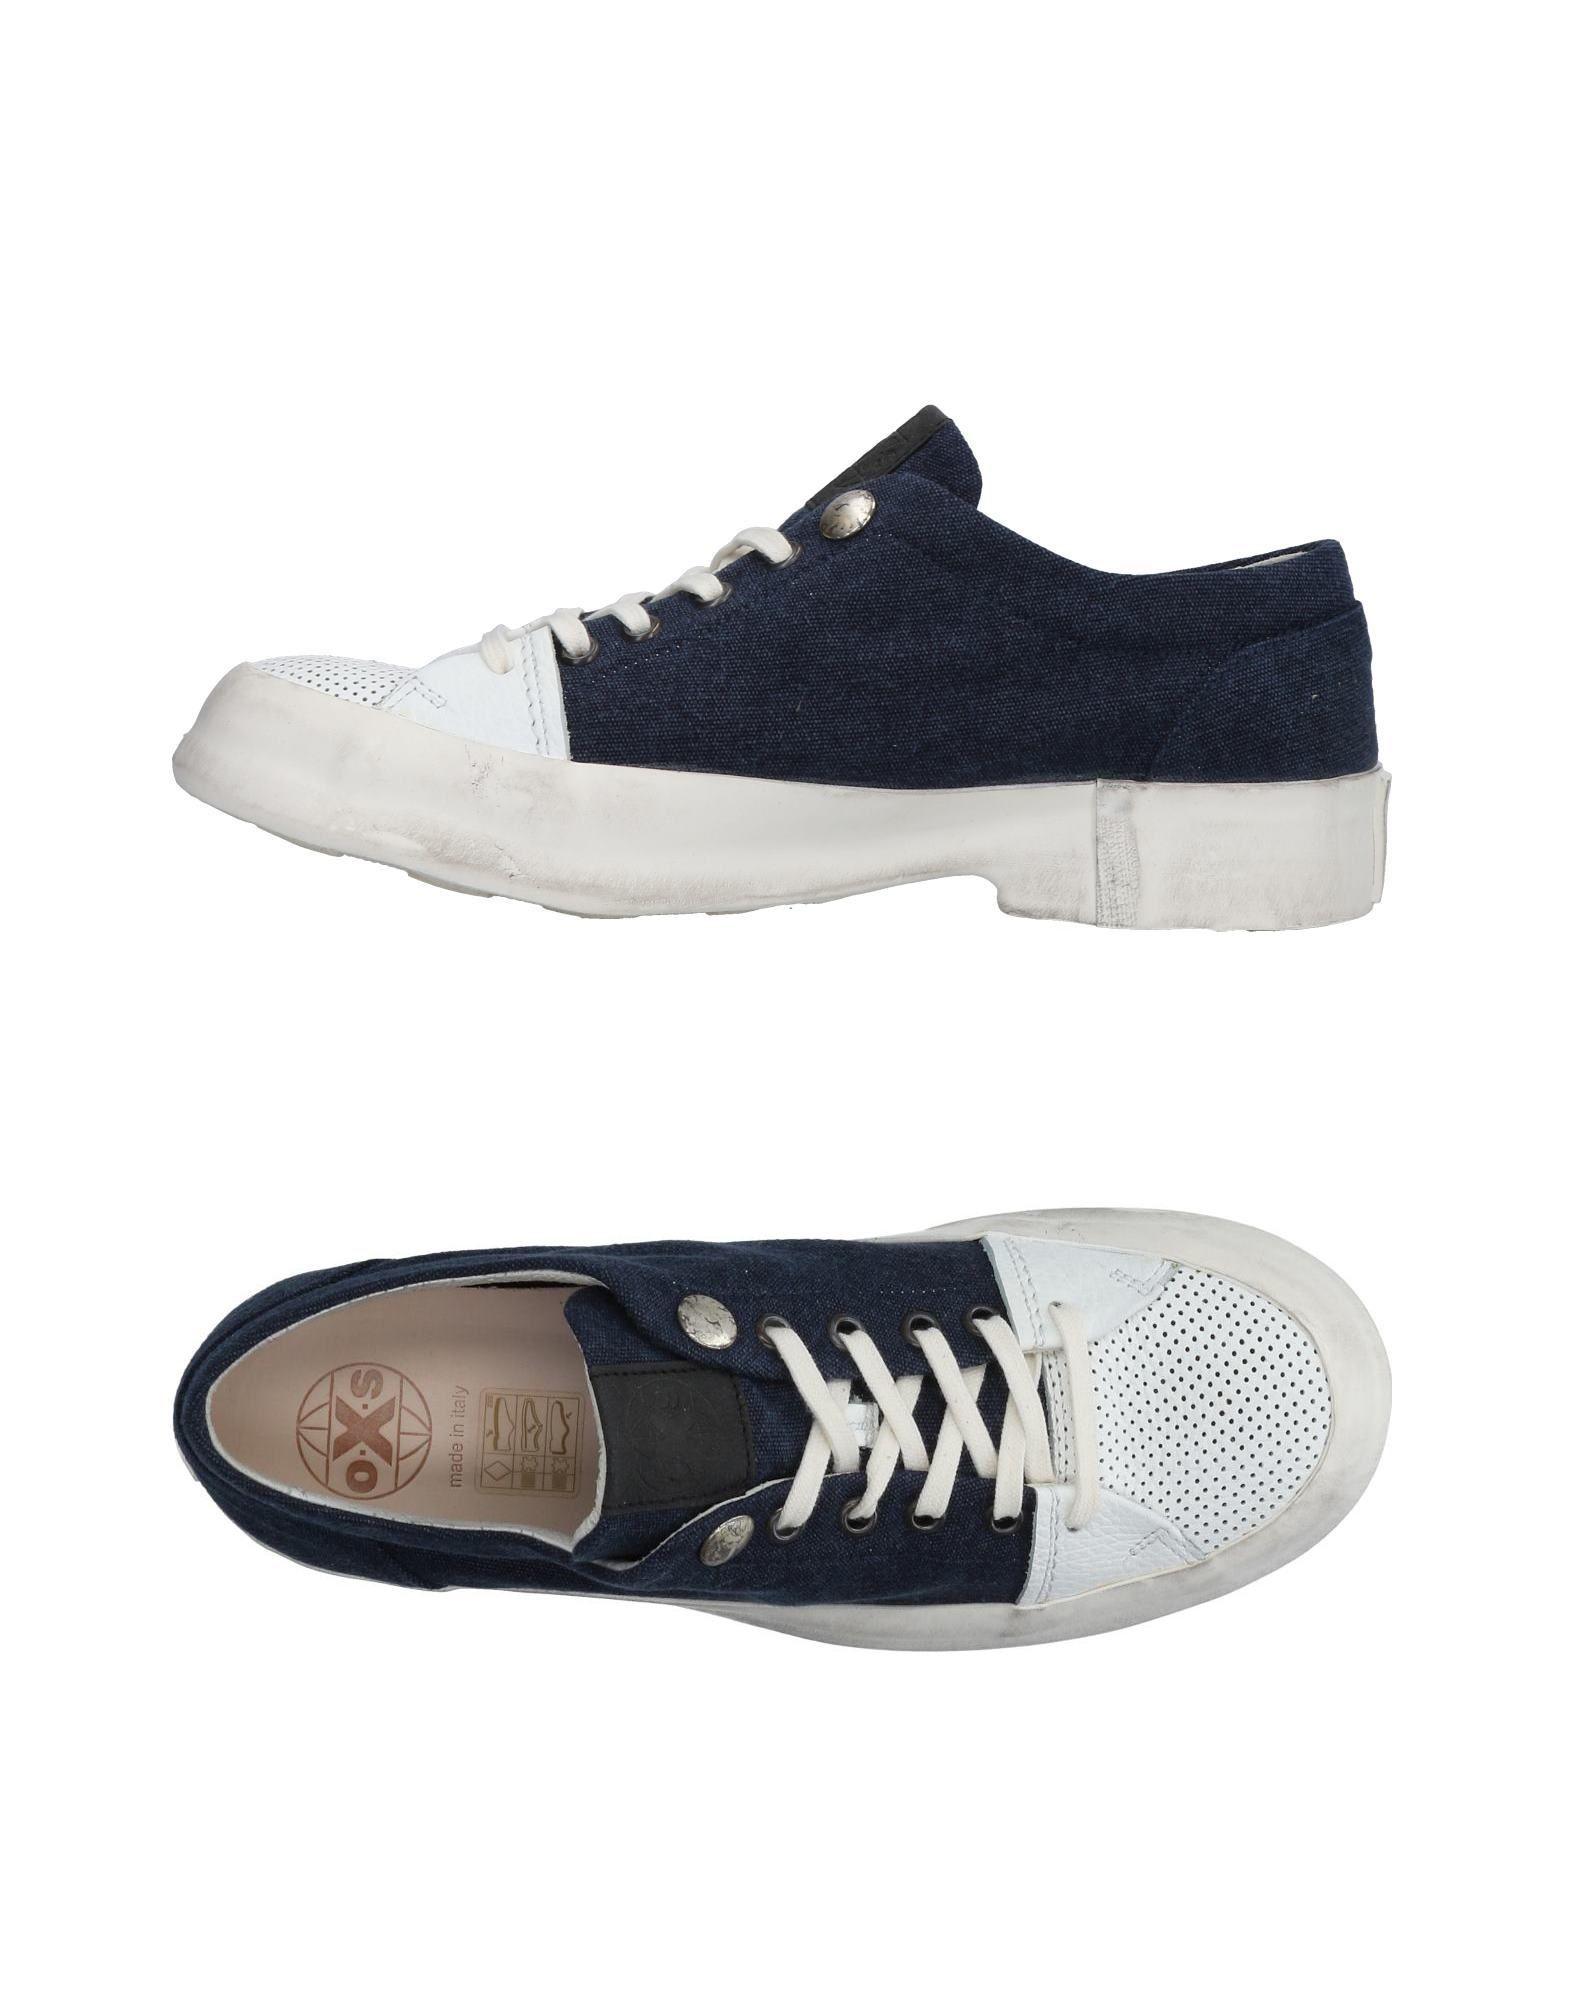 Scarpe economiche e resistenti Sneakers O.X.S. Donna - 11468294SB